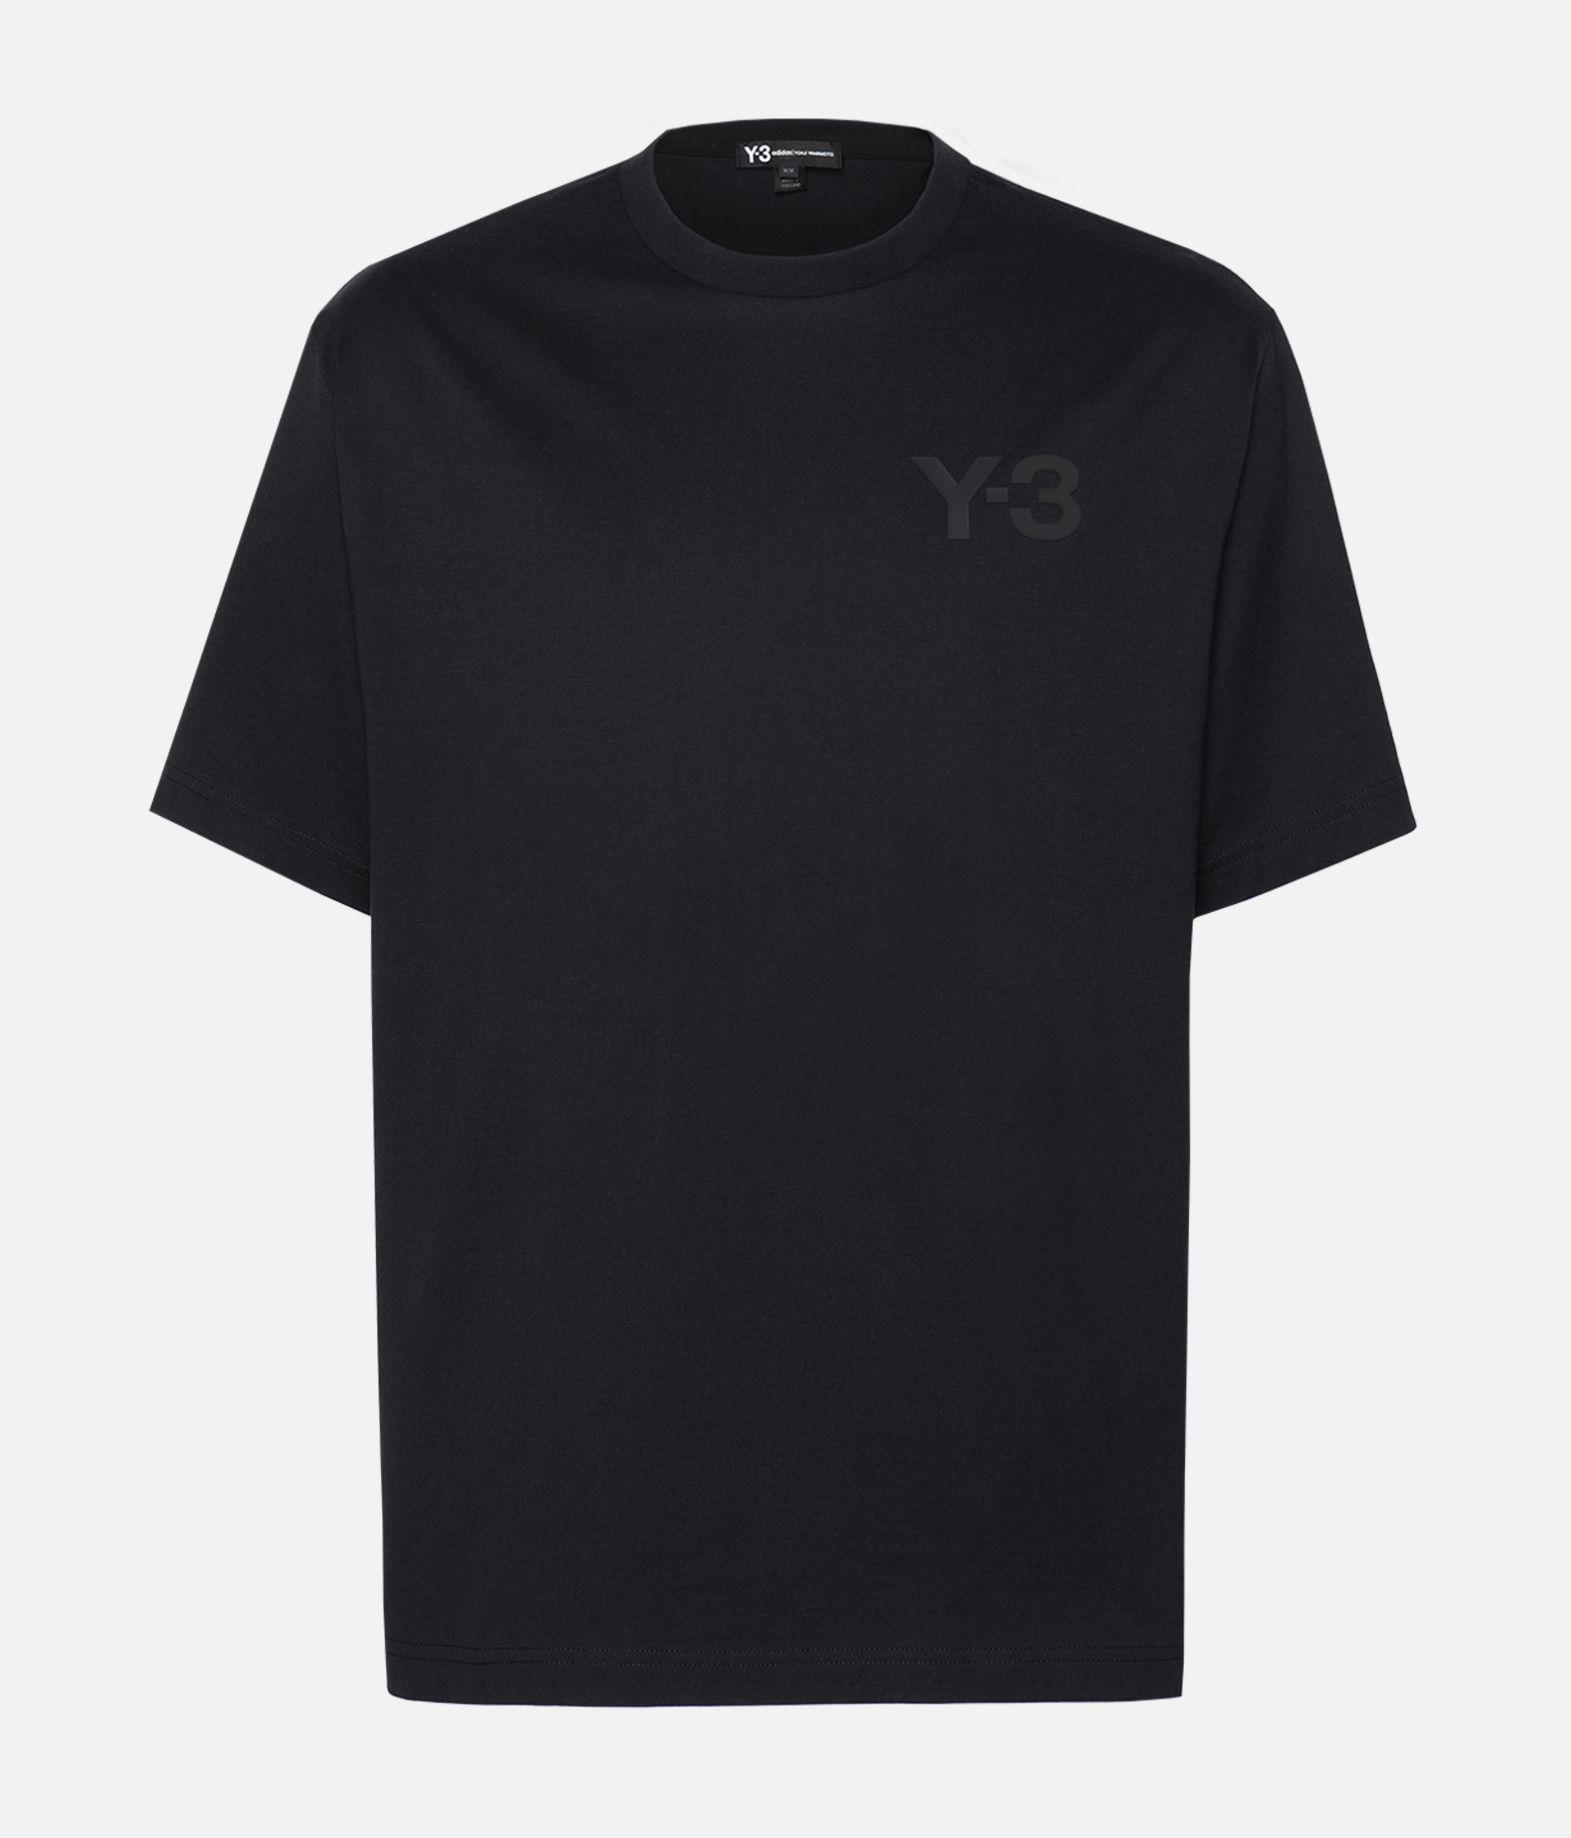 Y-3 Y-3 Logo Tee Kurzärmliges T-shirt Herren f